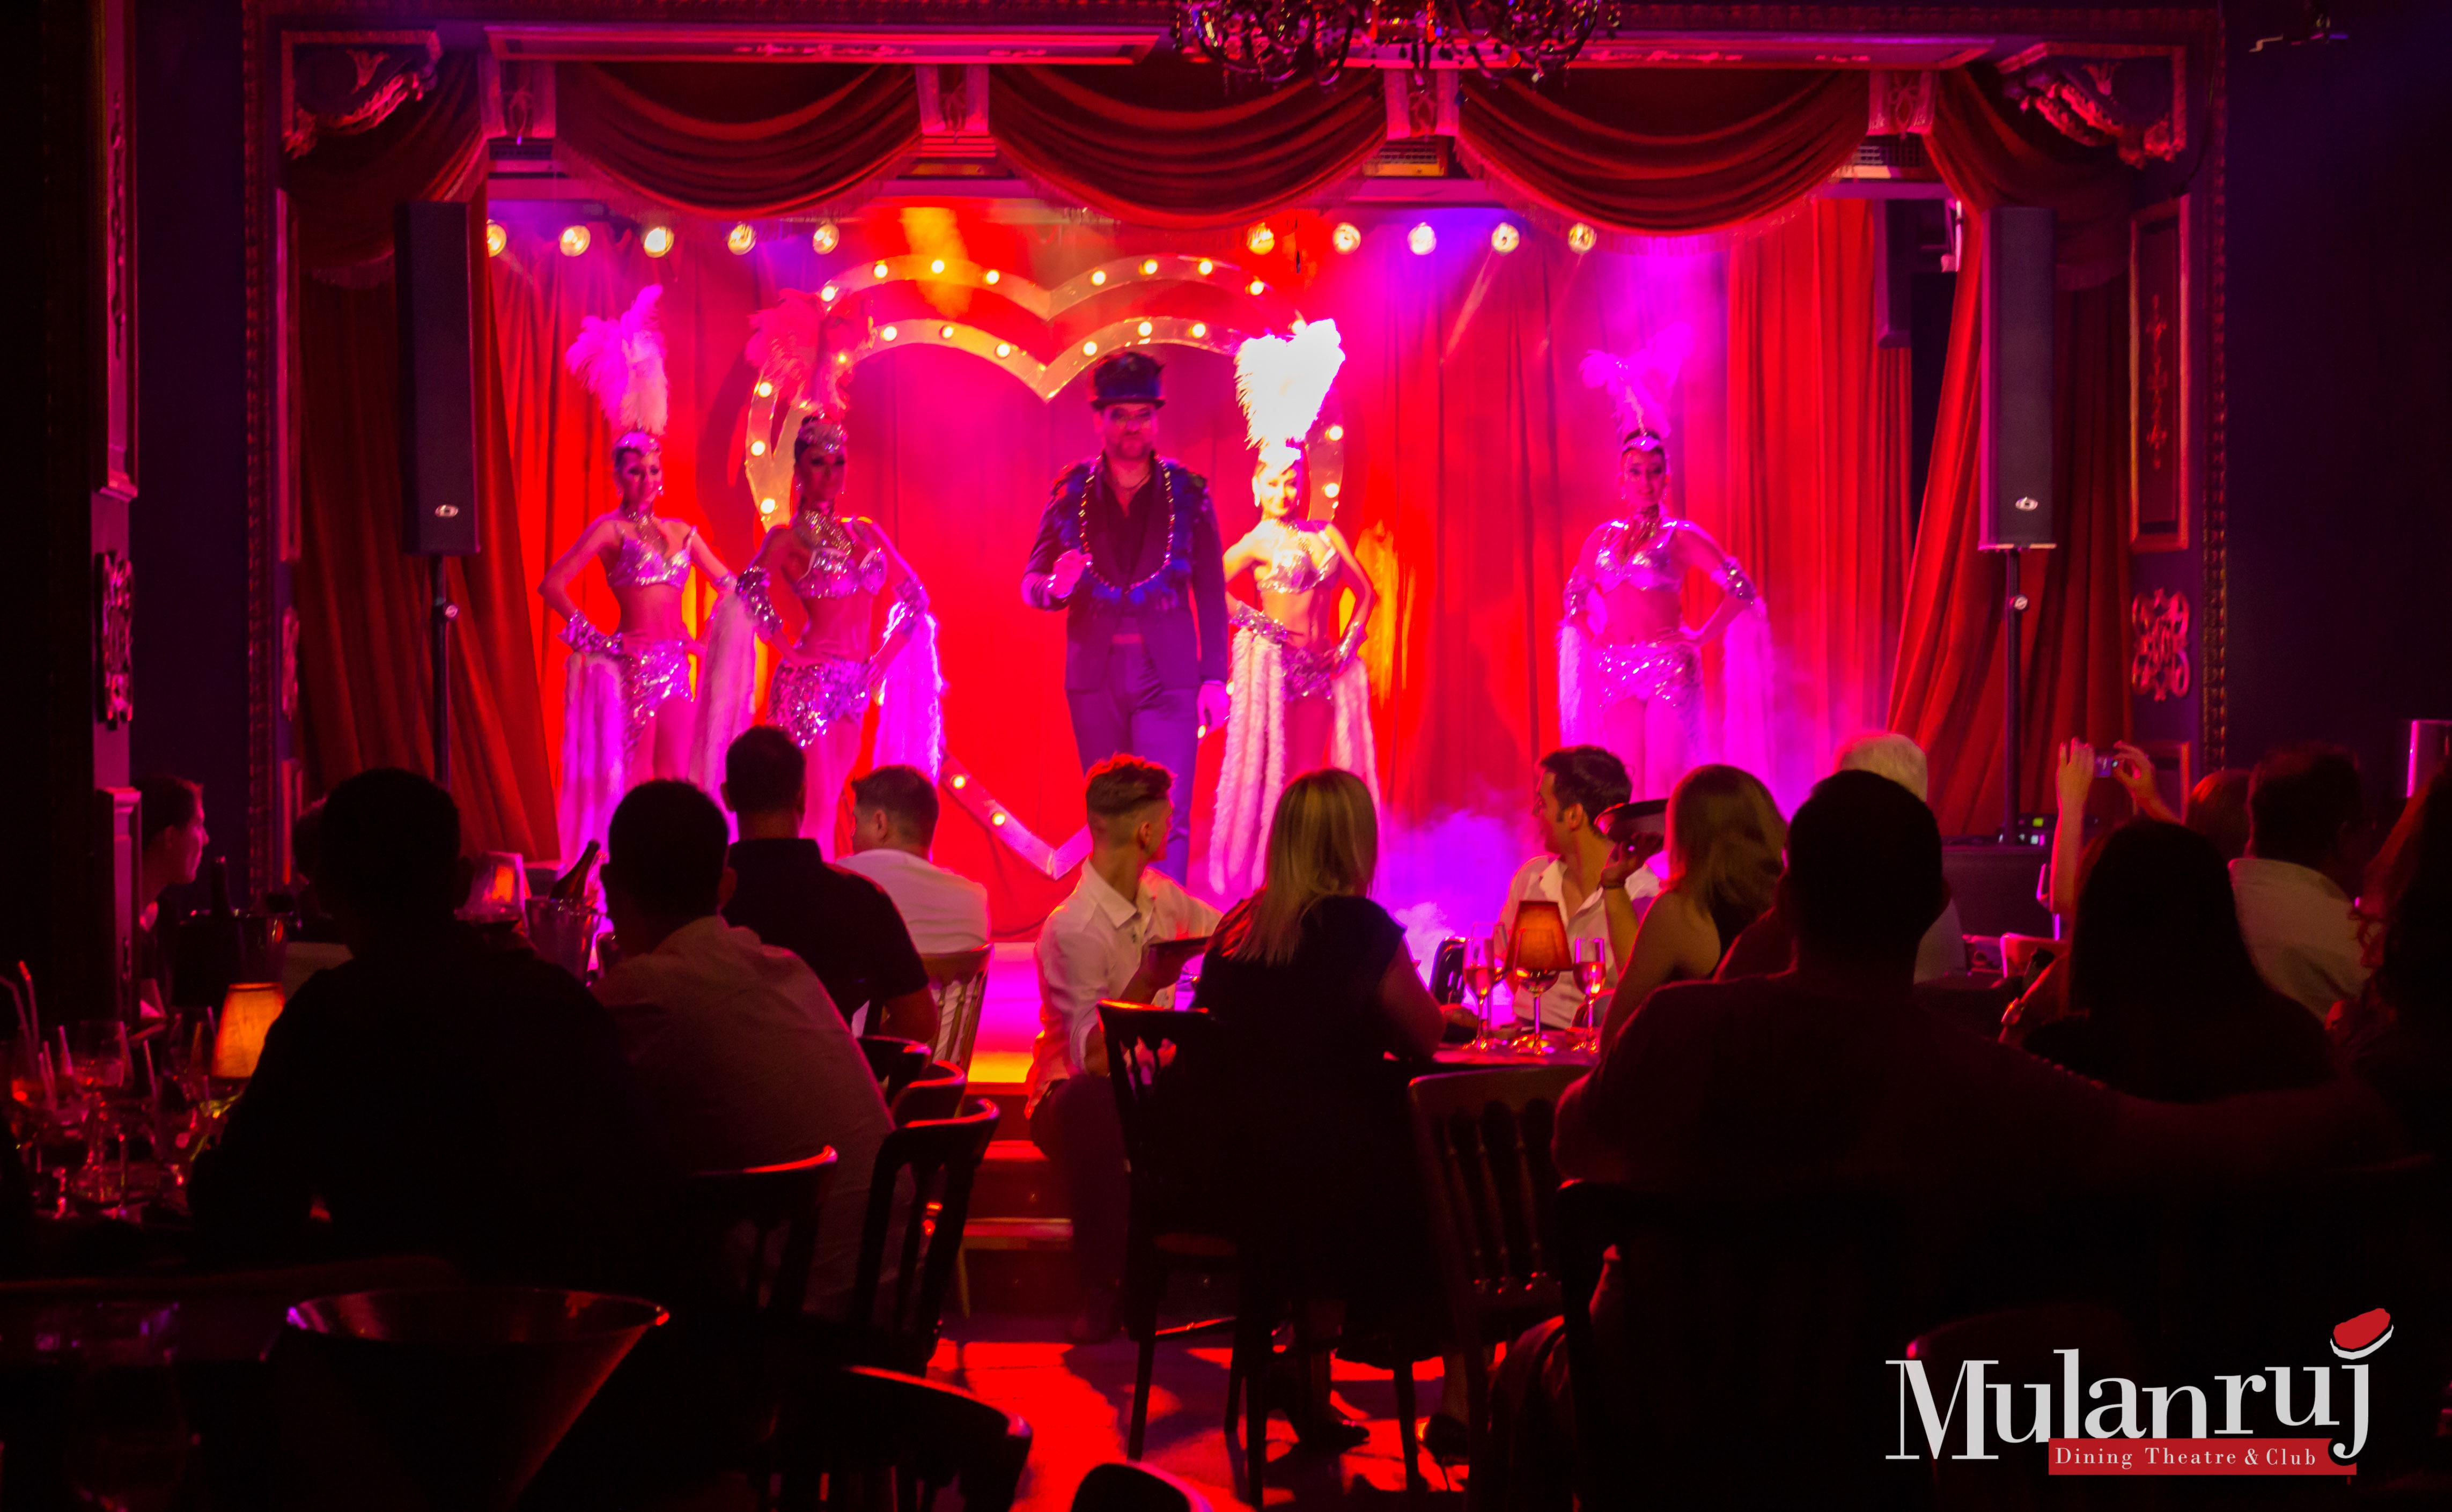 In lumea fascinanta a Cabaretului la Mulanruj! (P)